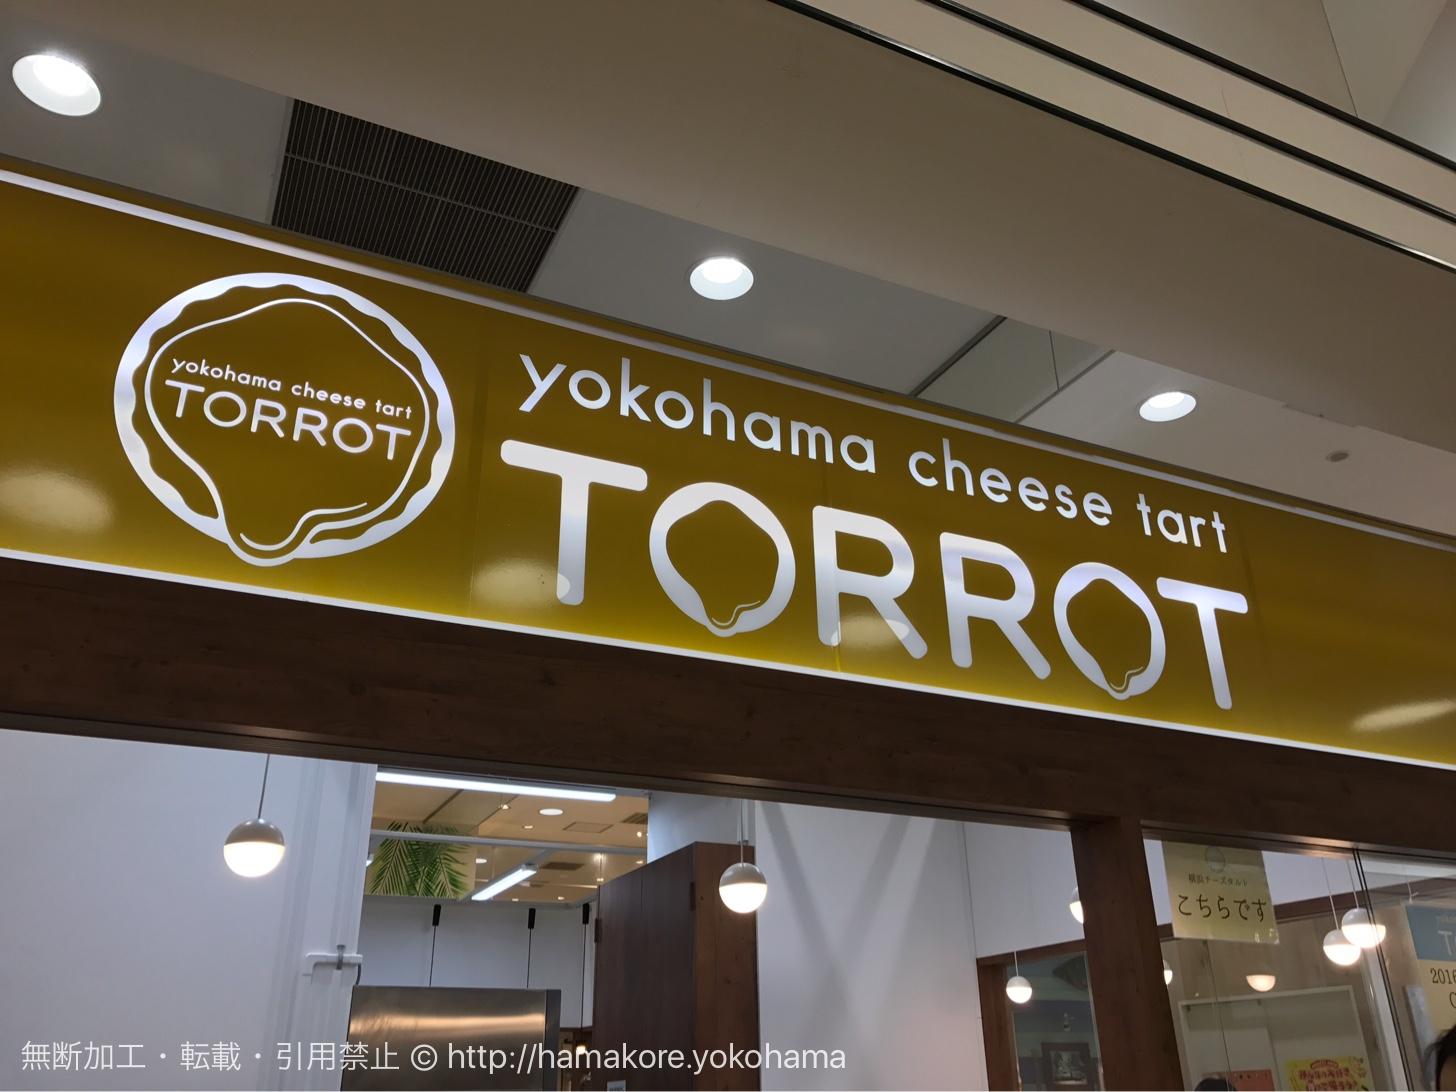 横浜チーズタルト トロット